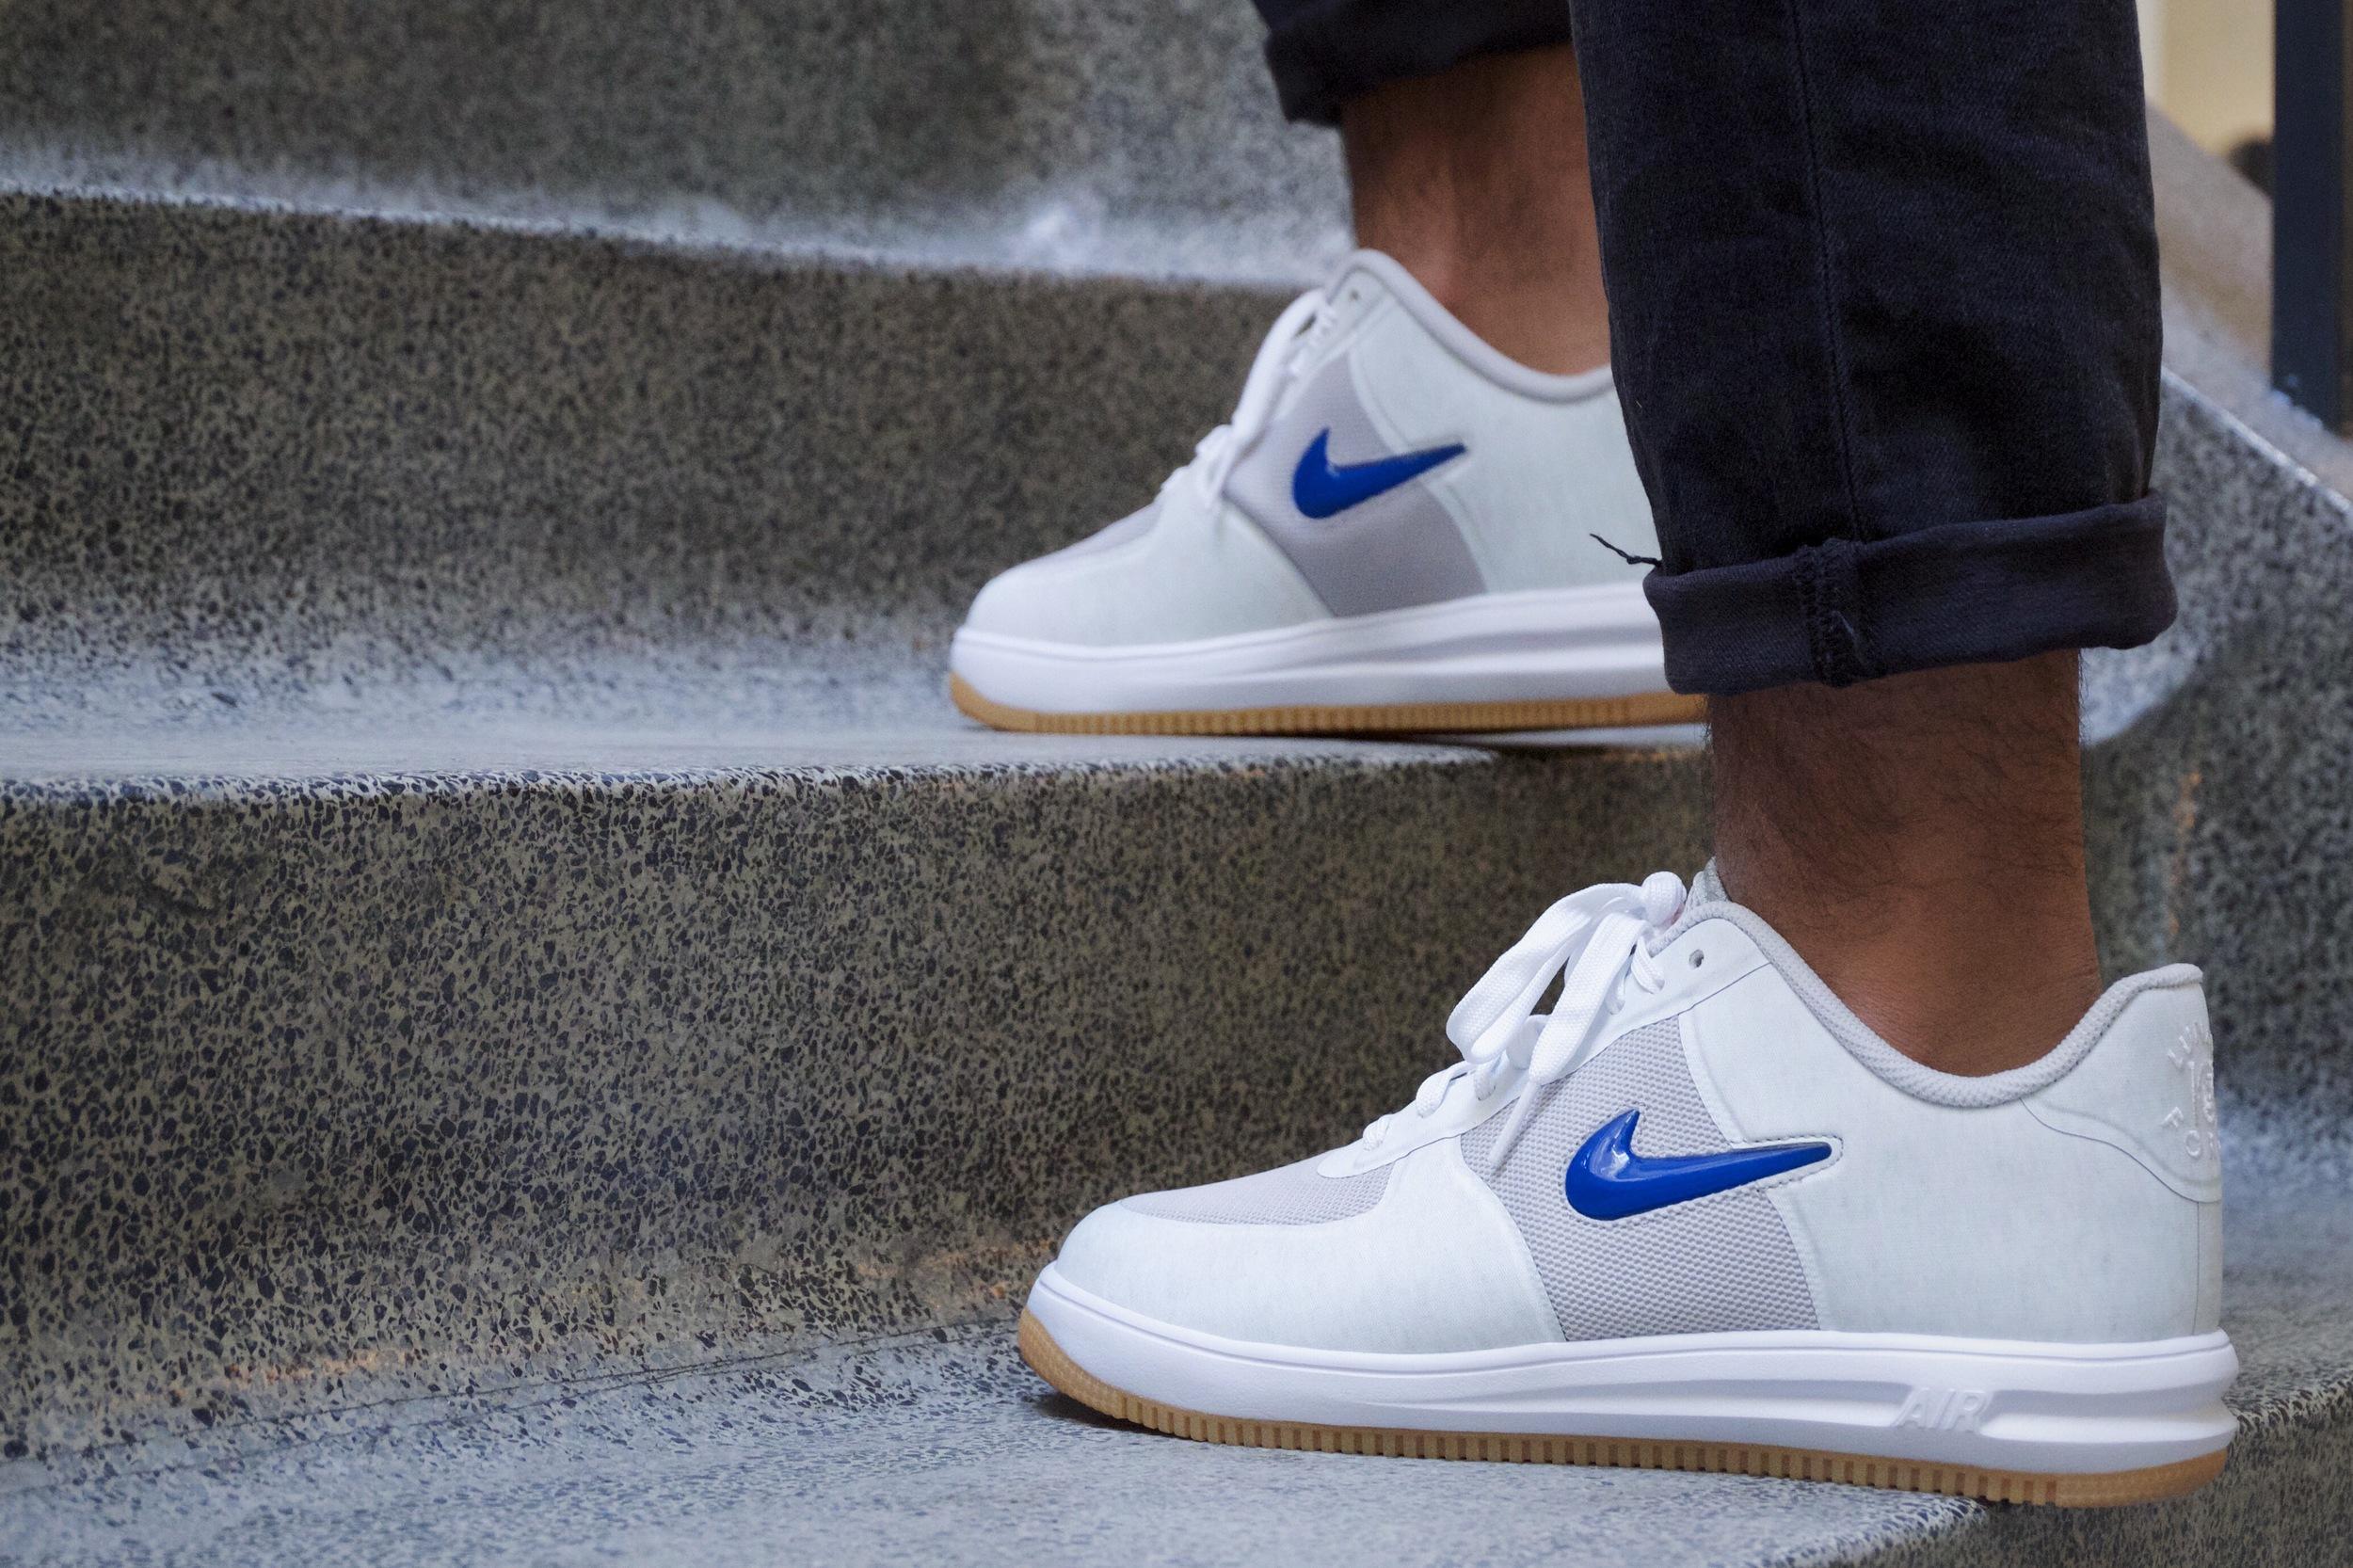 Nike x CLOT Lunar Force 1 OTH